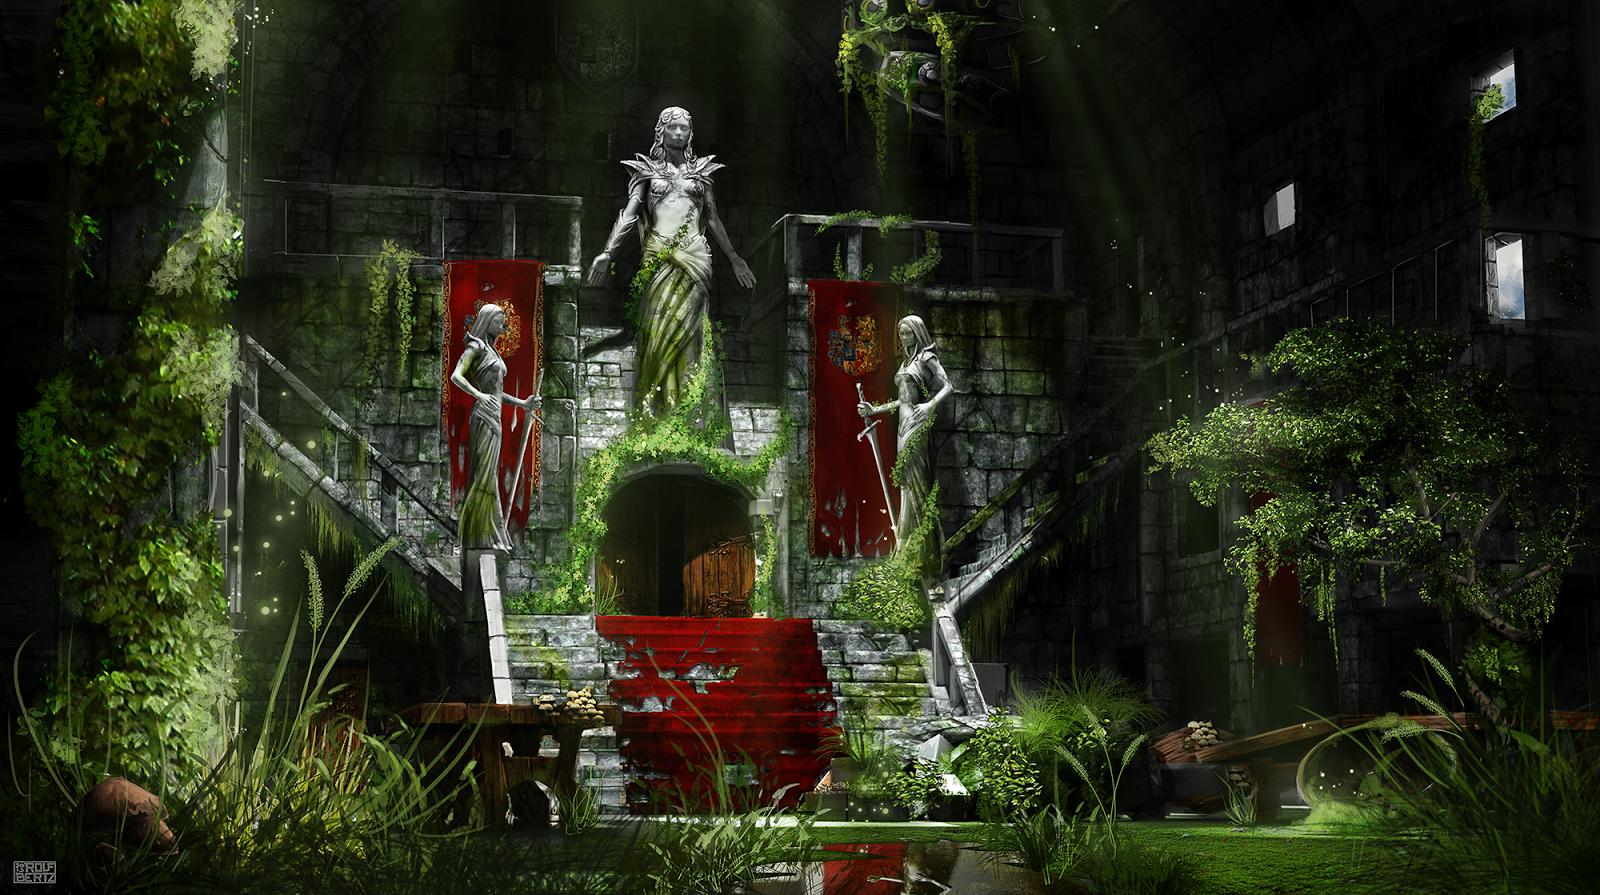 tileset_castle_art_Concept_art_rolf_bertz.png (1600×895)